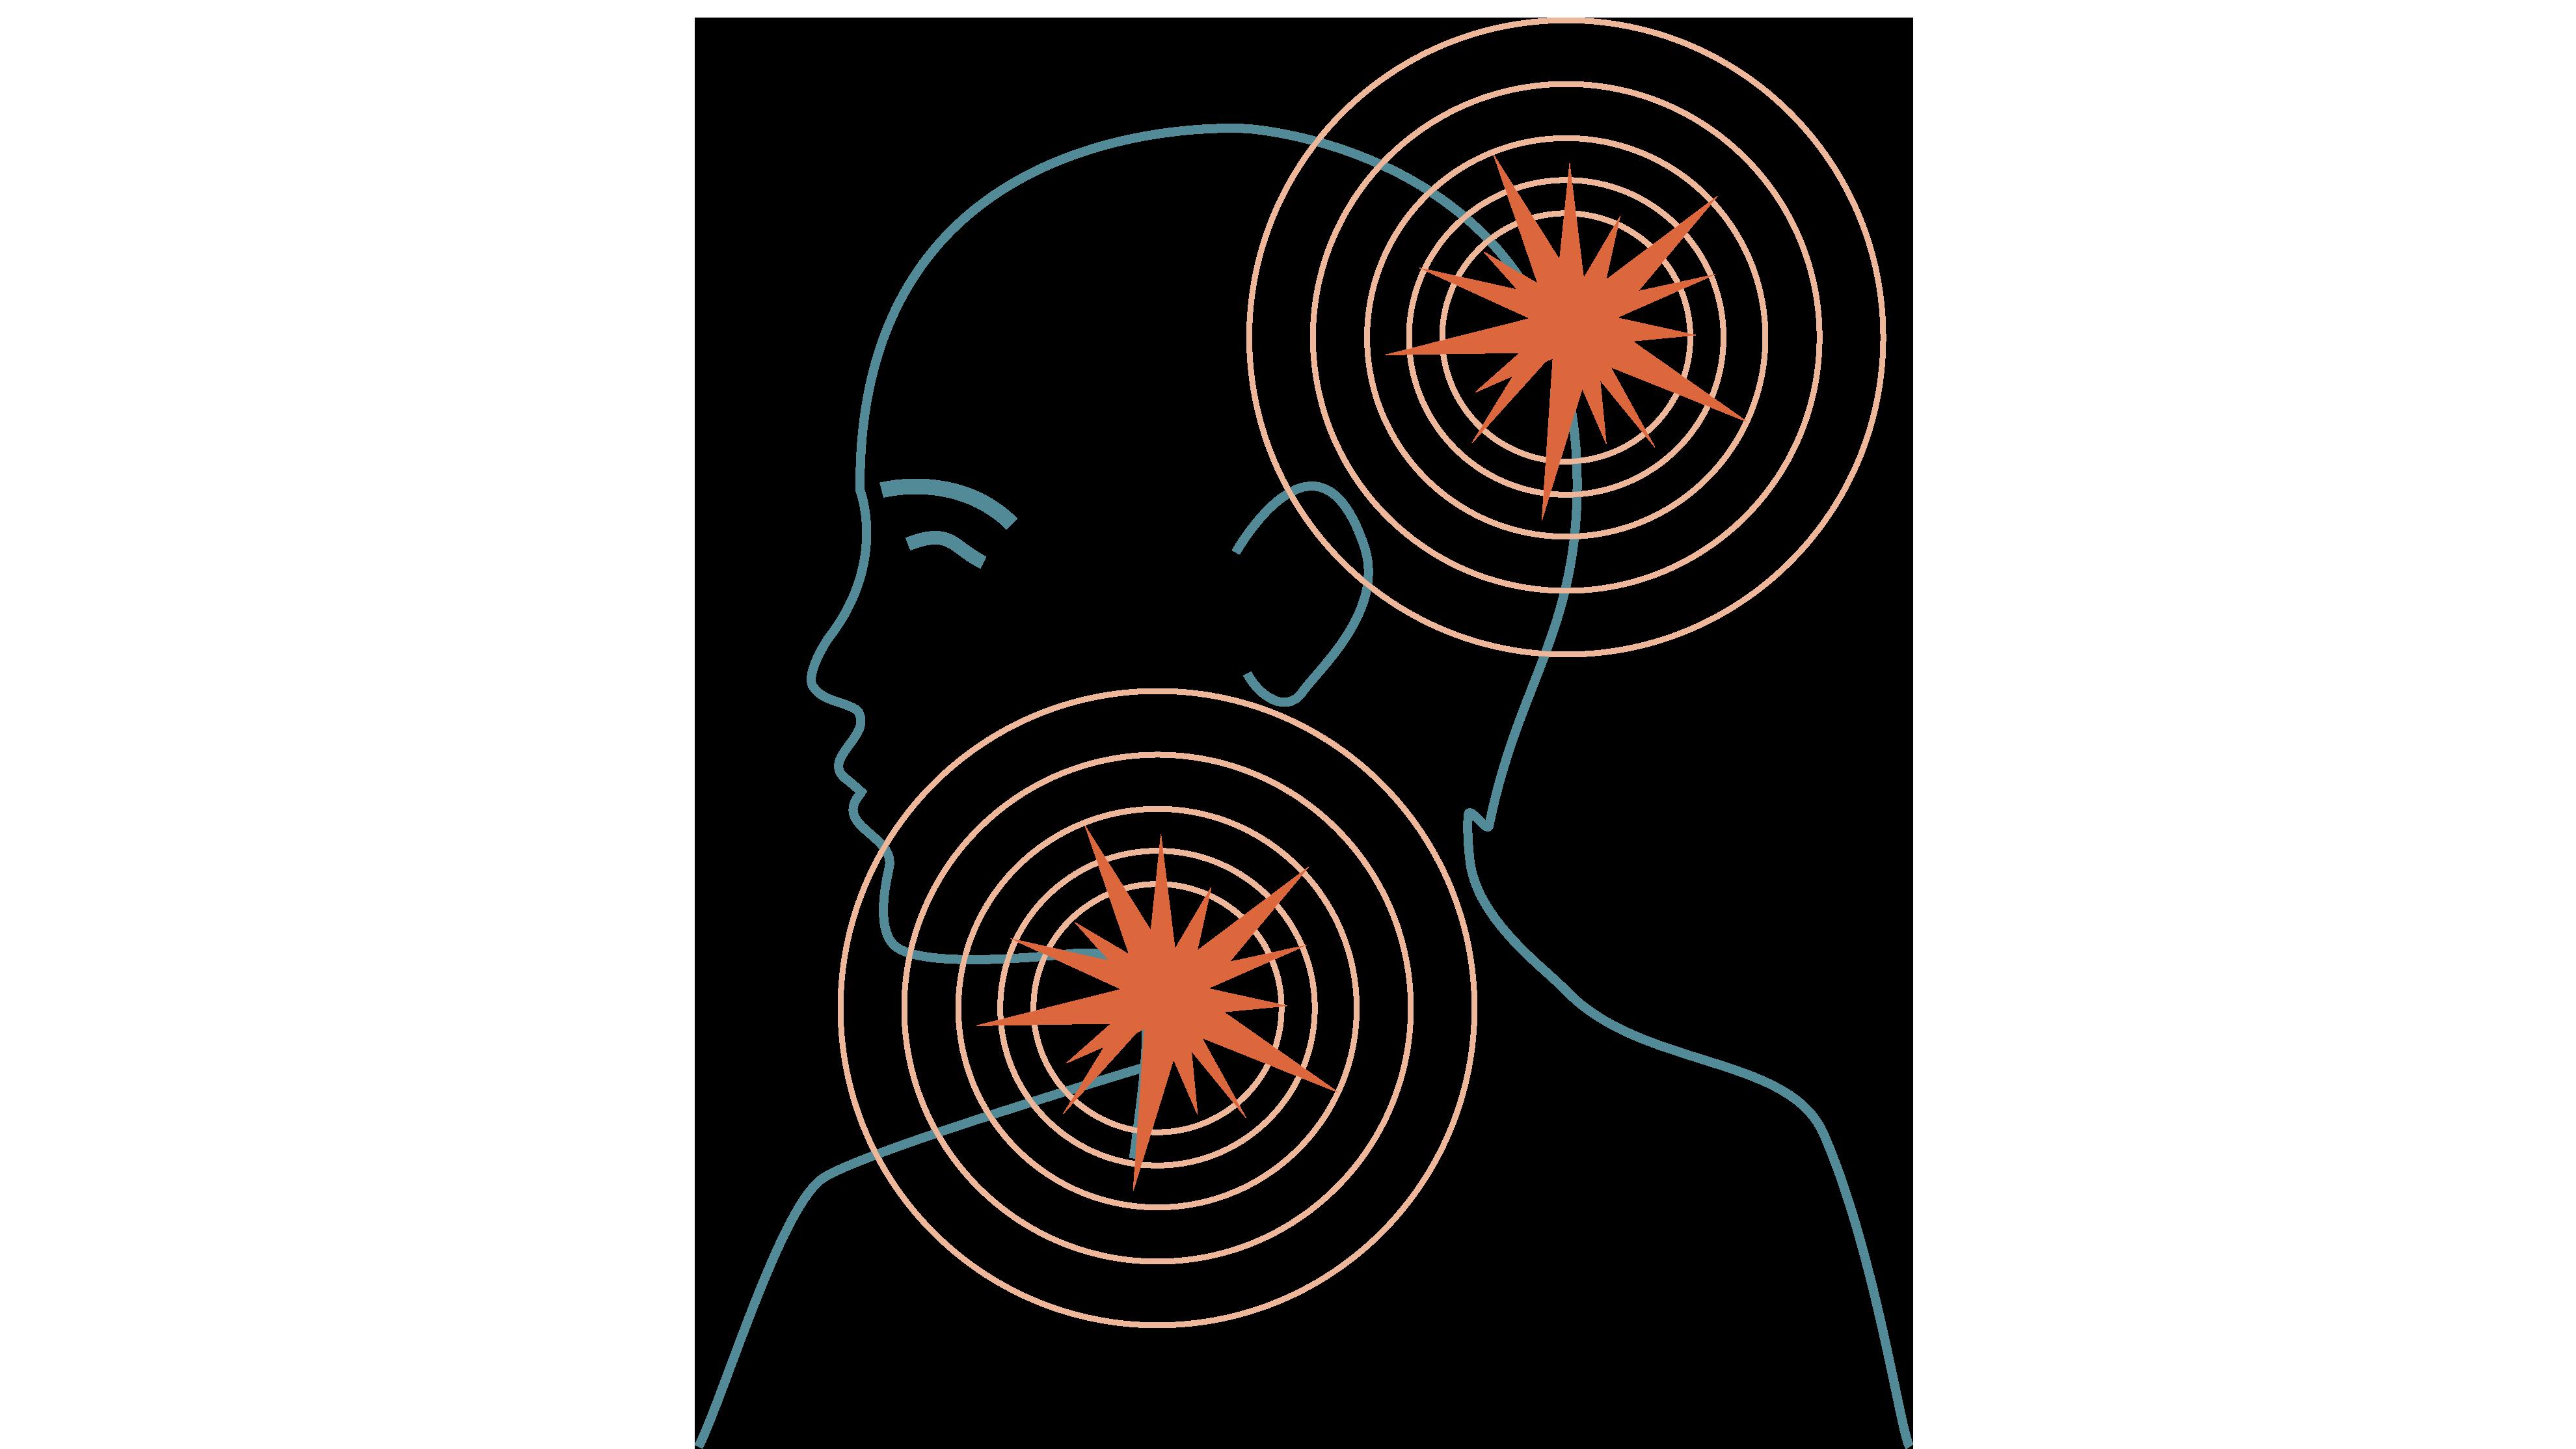 Skada huvud- eller halsområde